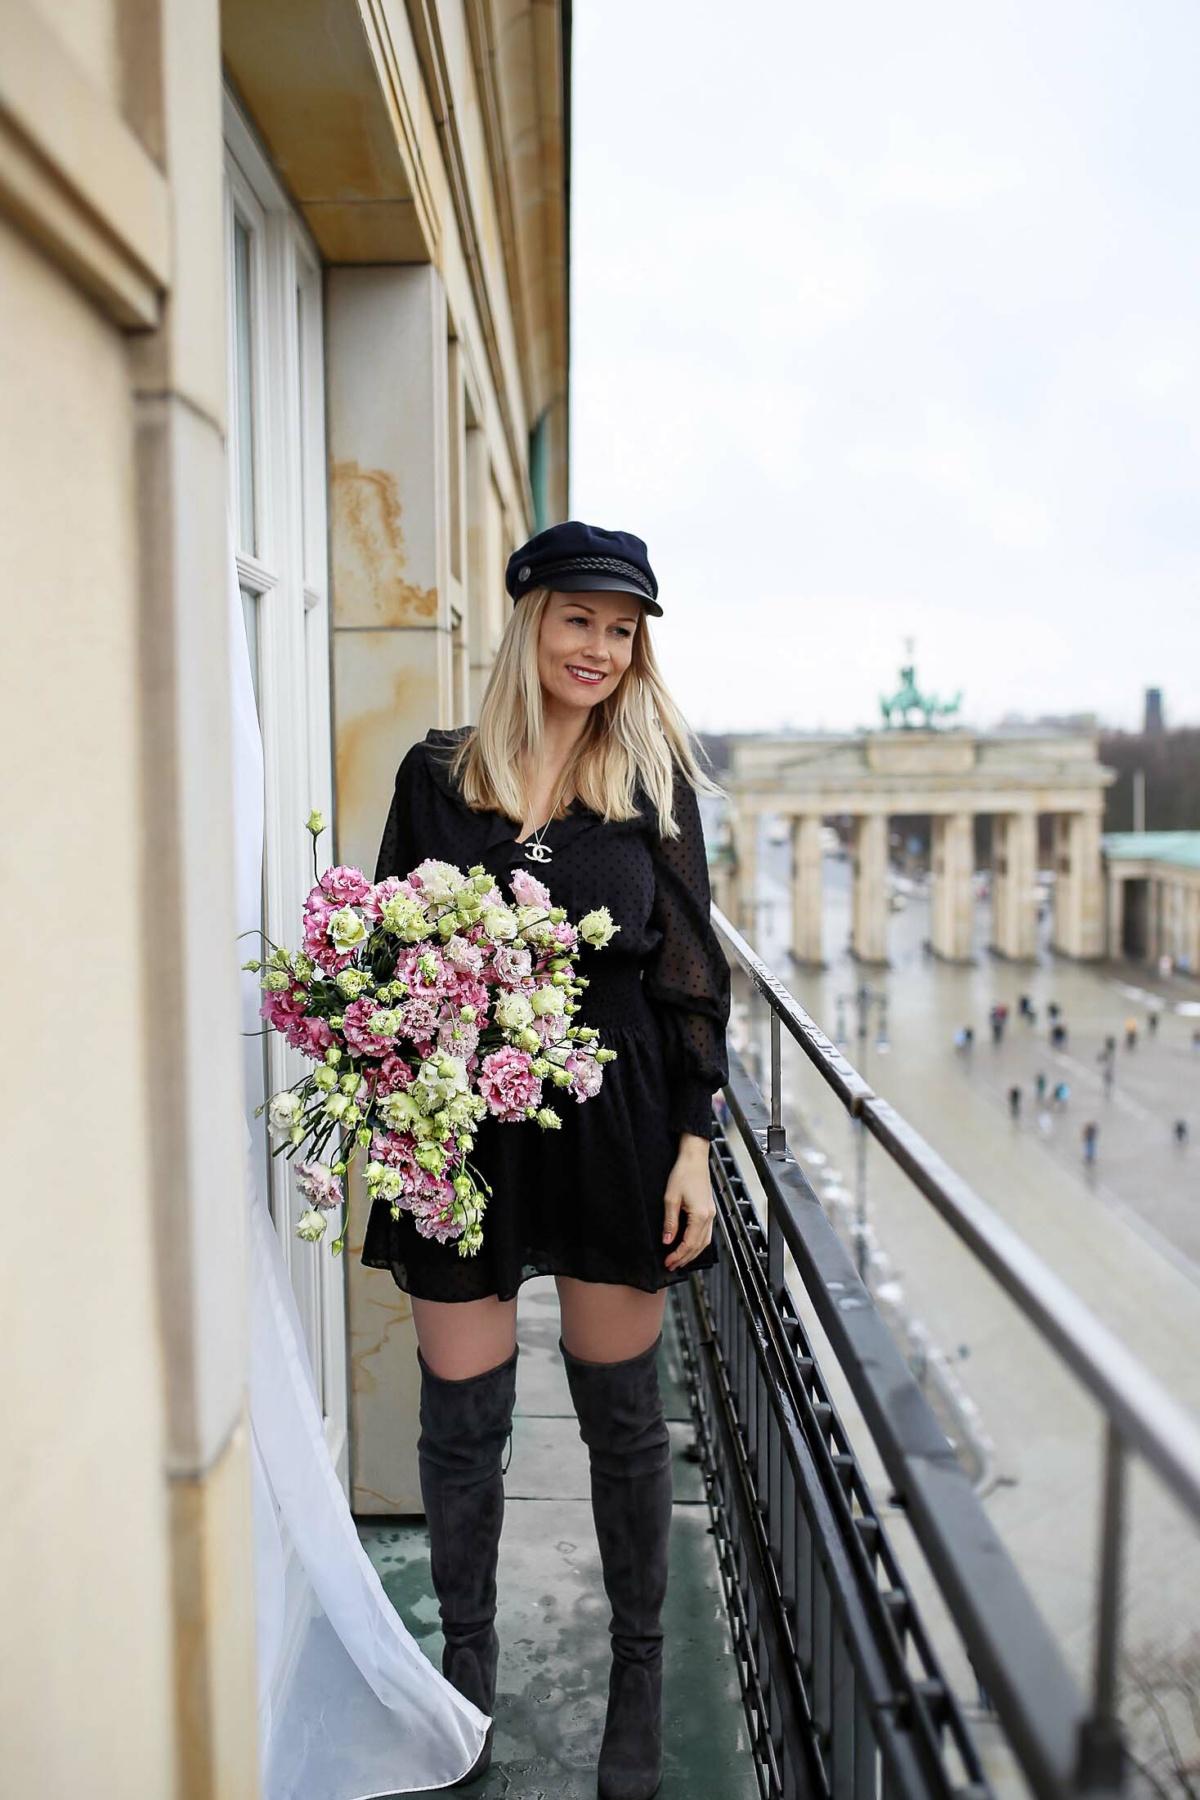 stylingliebe-lifestyleblogger-mamablog-fashionblog-muenchen-styleblog-blogger-deutschland-lifestyleblog-mamablogger-modeblog-unsere-erste-fashion-week-mit-baby-zu-besuch-im-hotel-adlon-kempinski-7